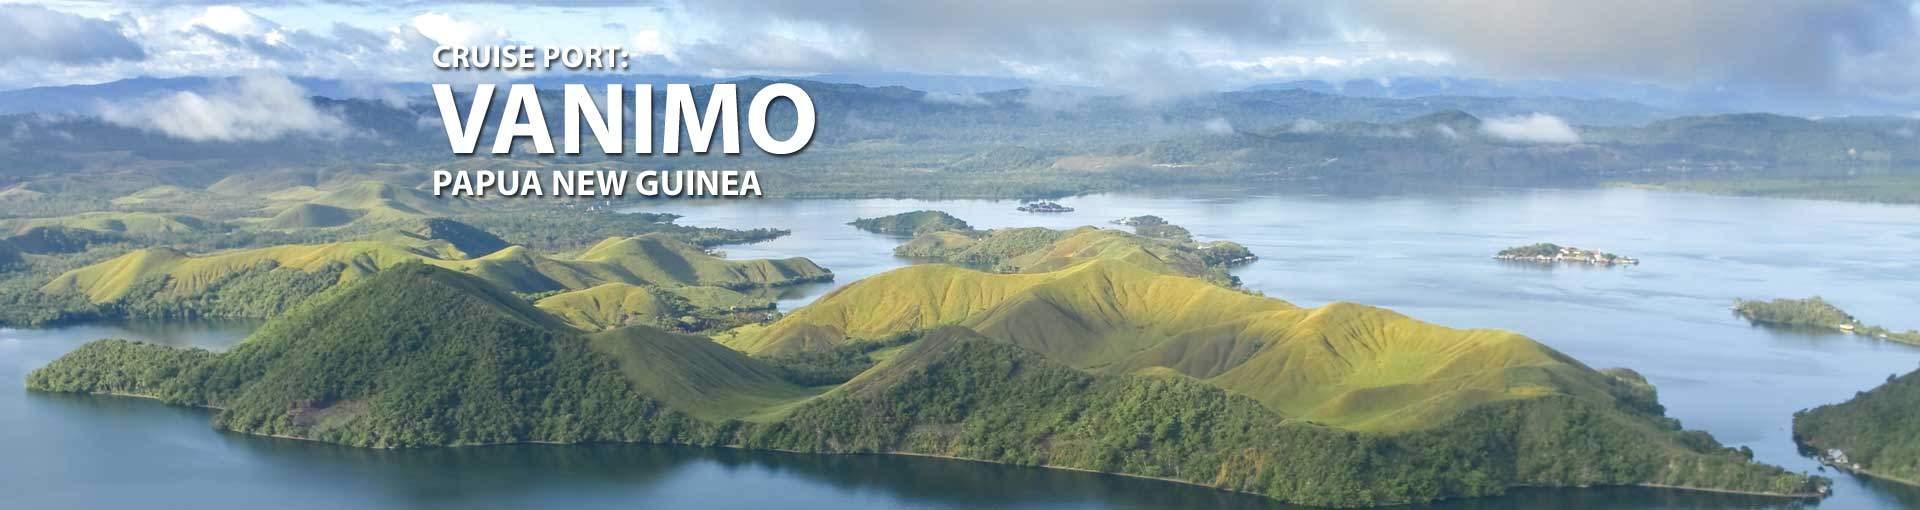 Cruises to Vanimo, Papua New Guinea